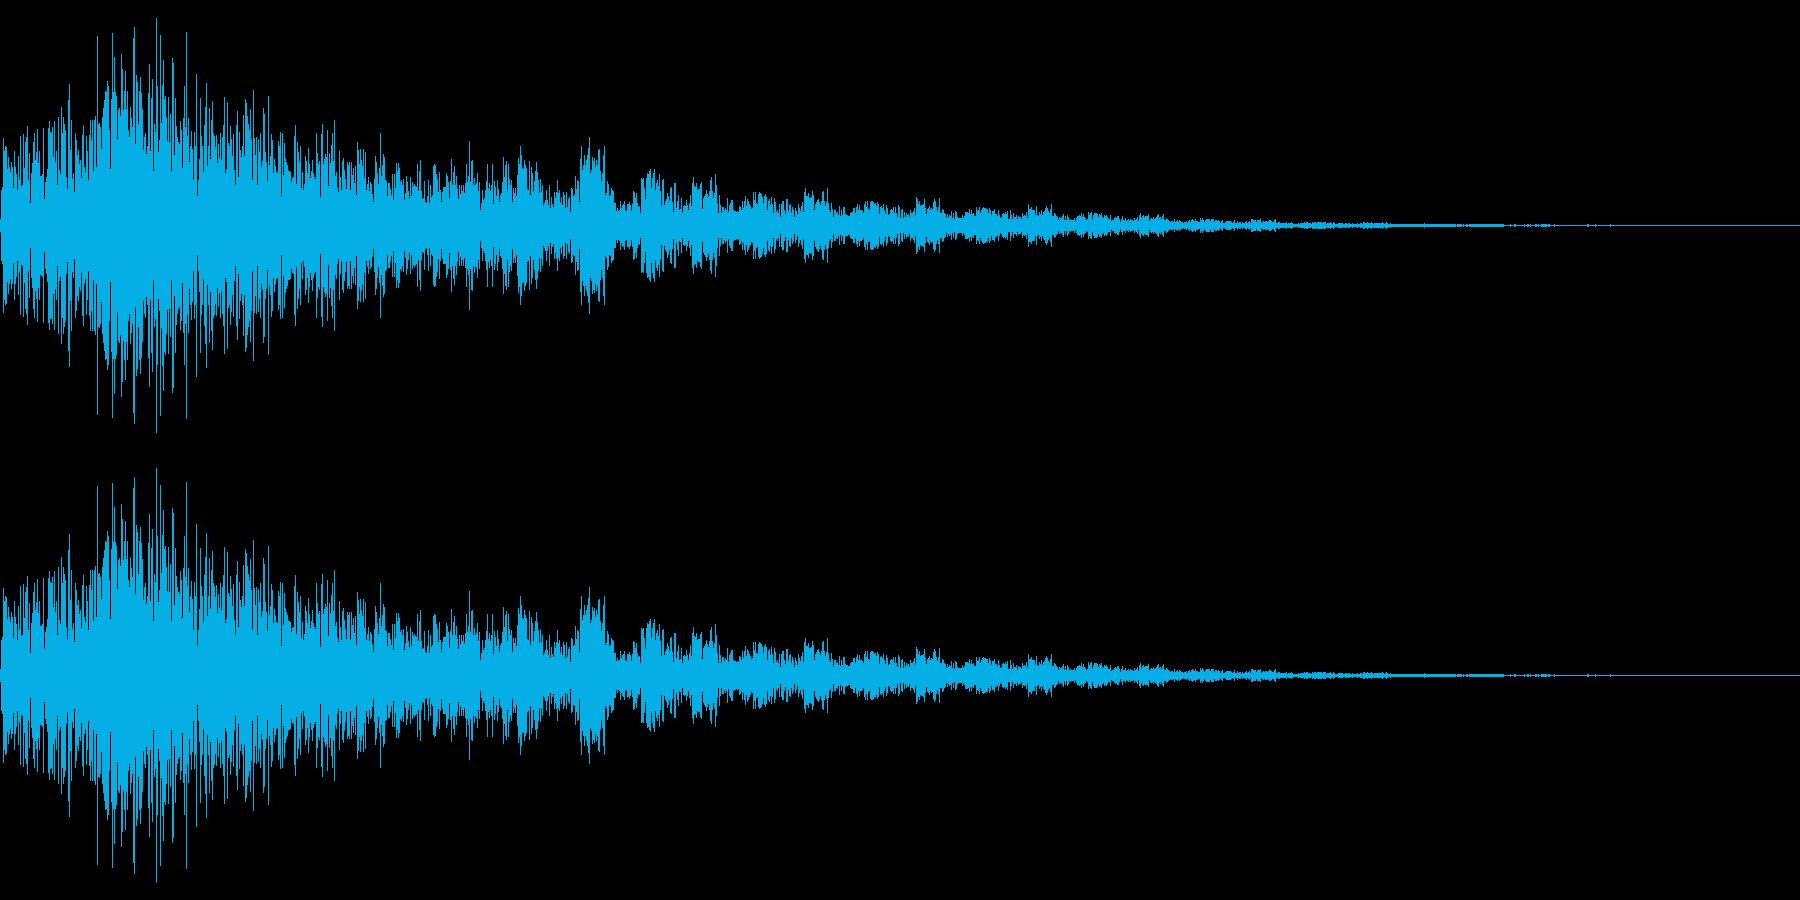 衝撃音(バーン)の再生済みの波形